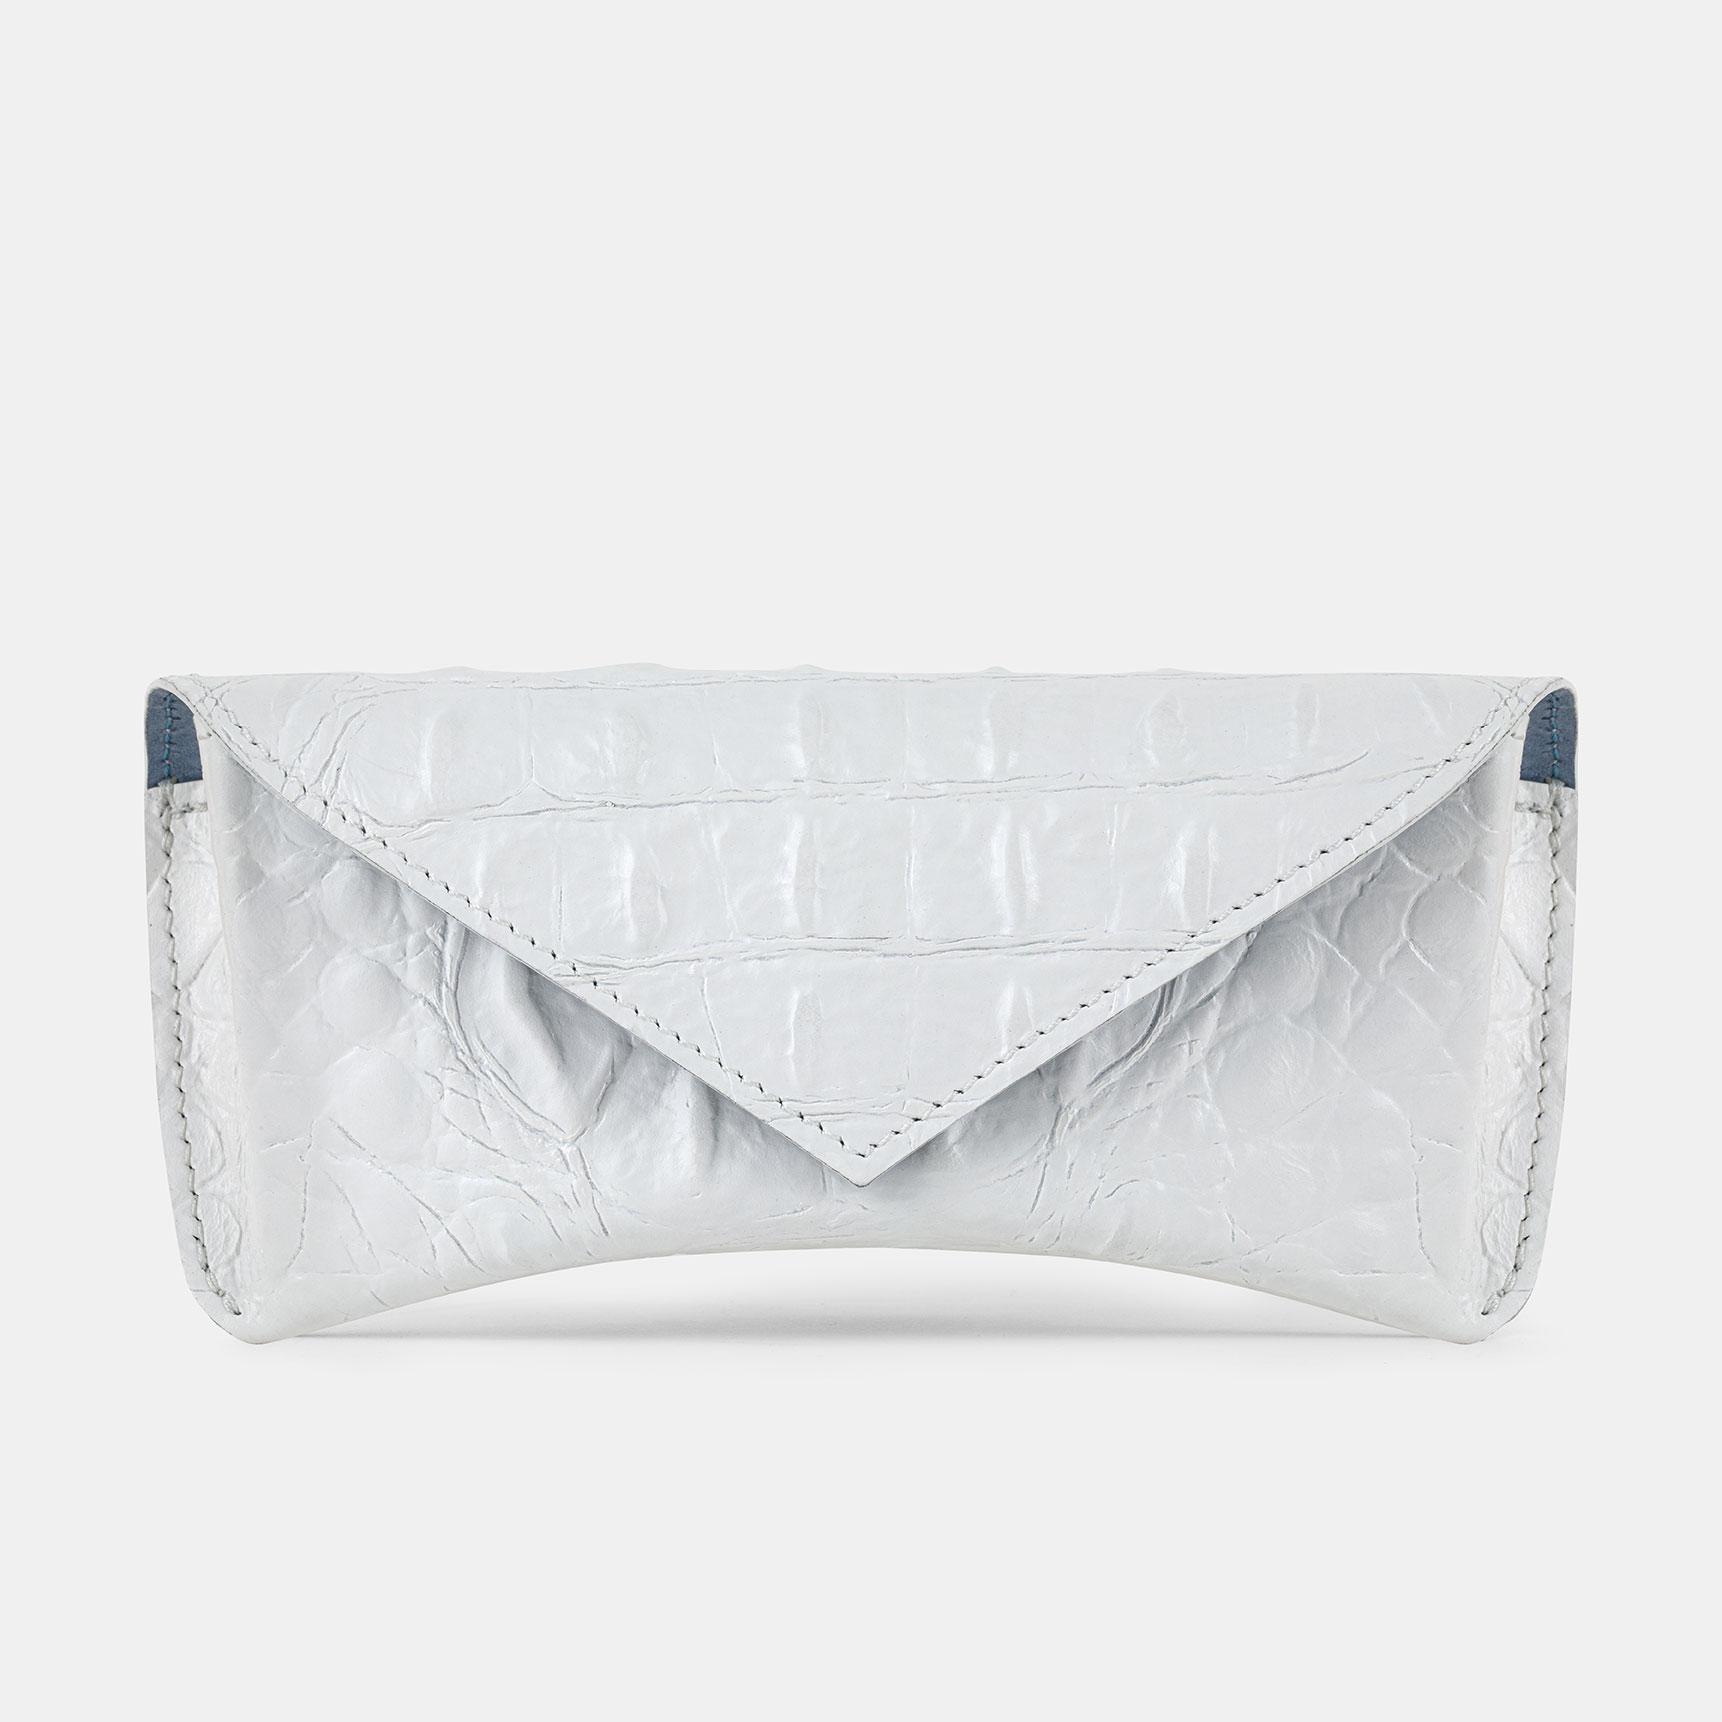 Skórzane etui na okulary Everly / biały krokodyl - SHELEST | JestemSlow.pl